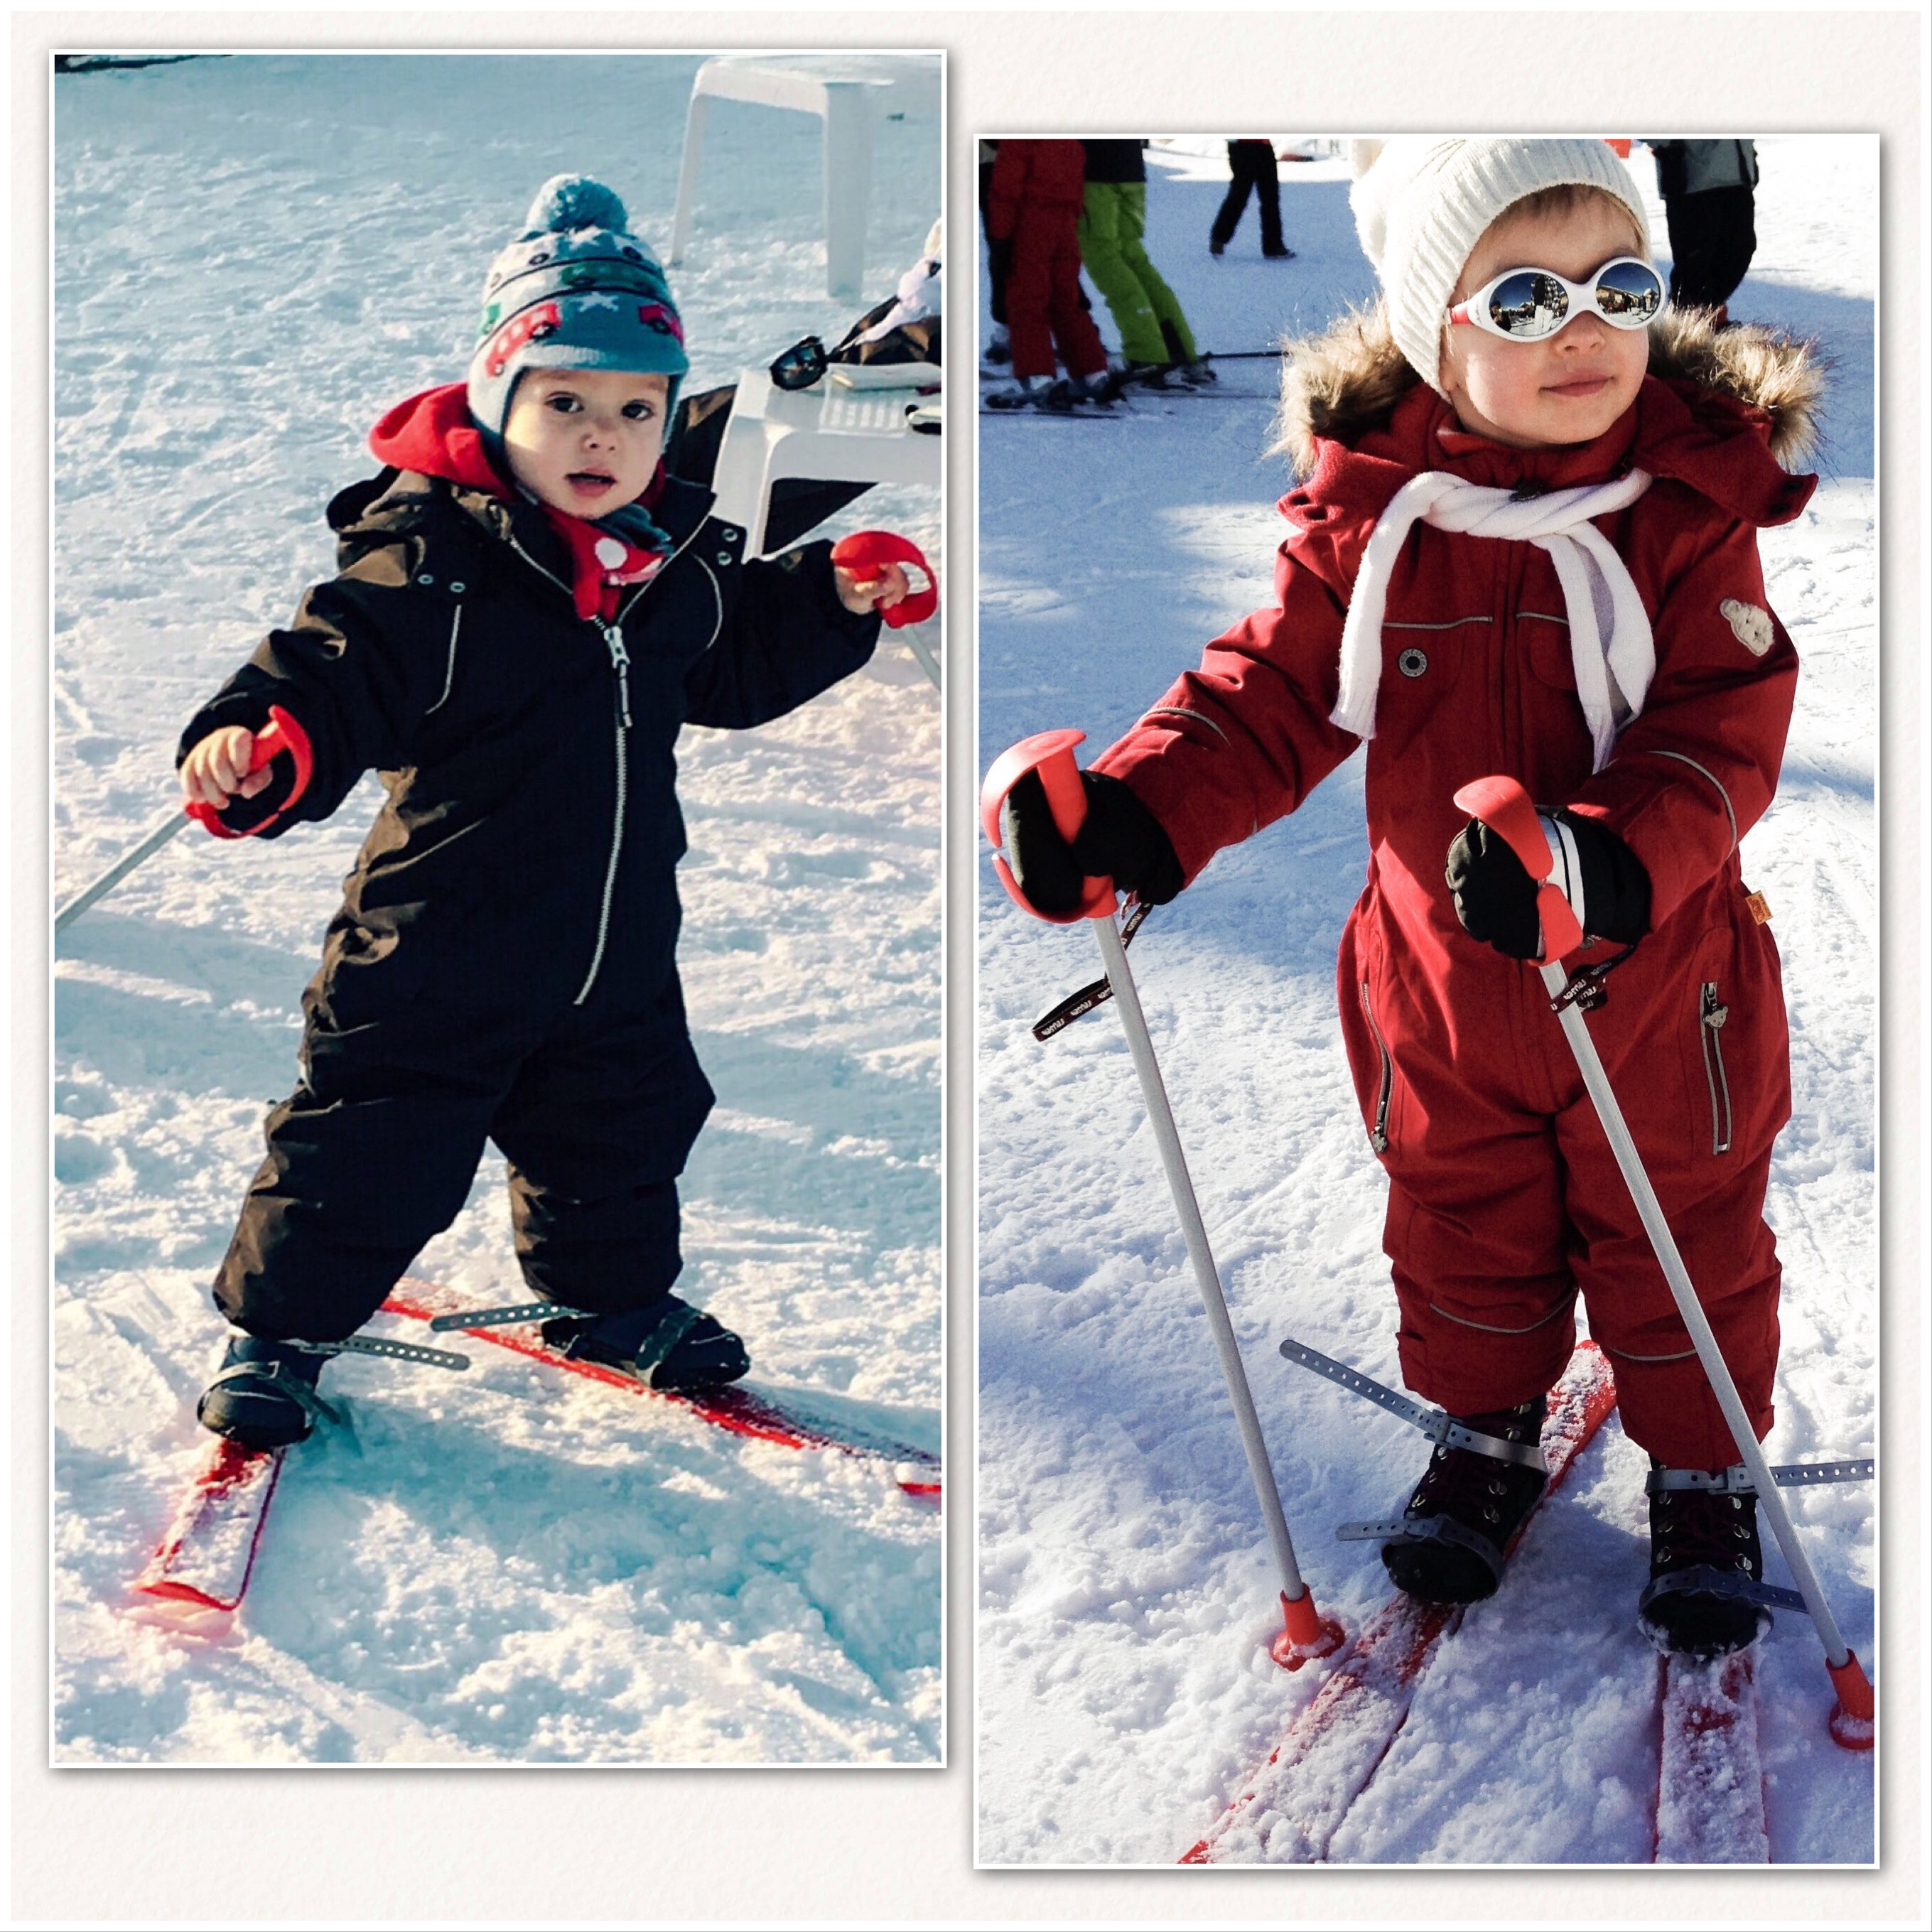 """Leos erster """"Skitag"""", Dezember 2017 - Sarah Sophie, Dezember 2013, Samoëns, F"""